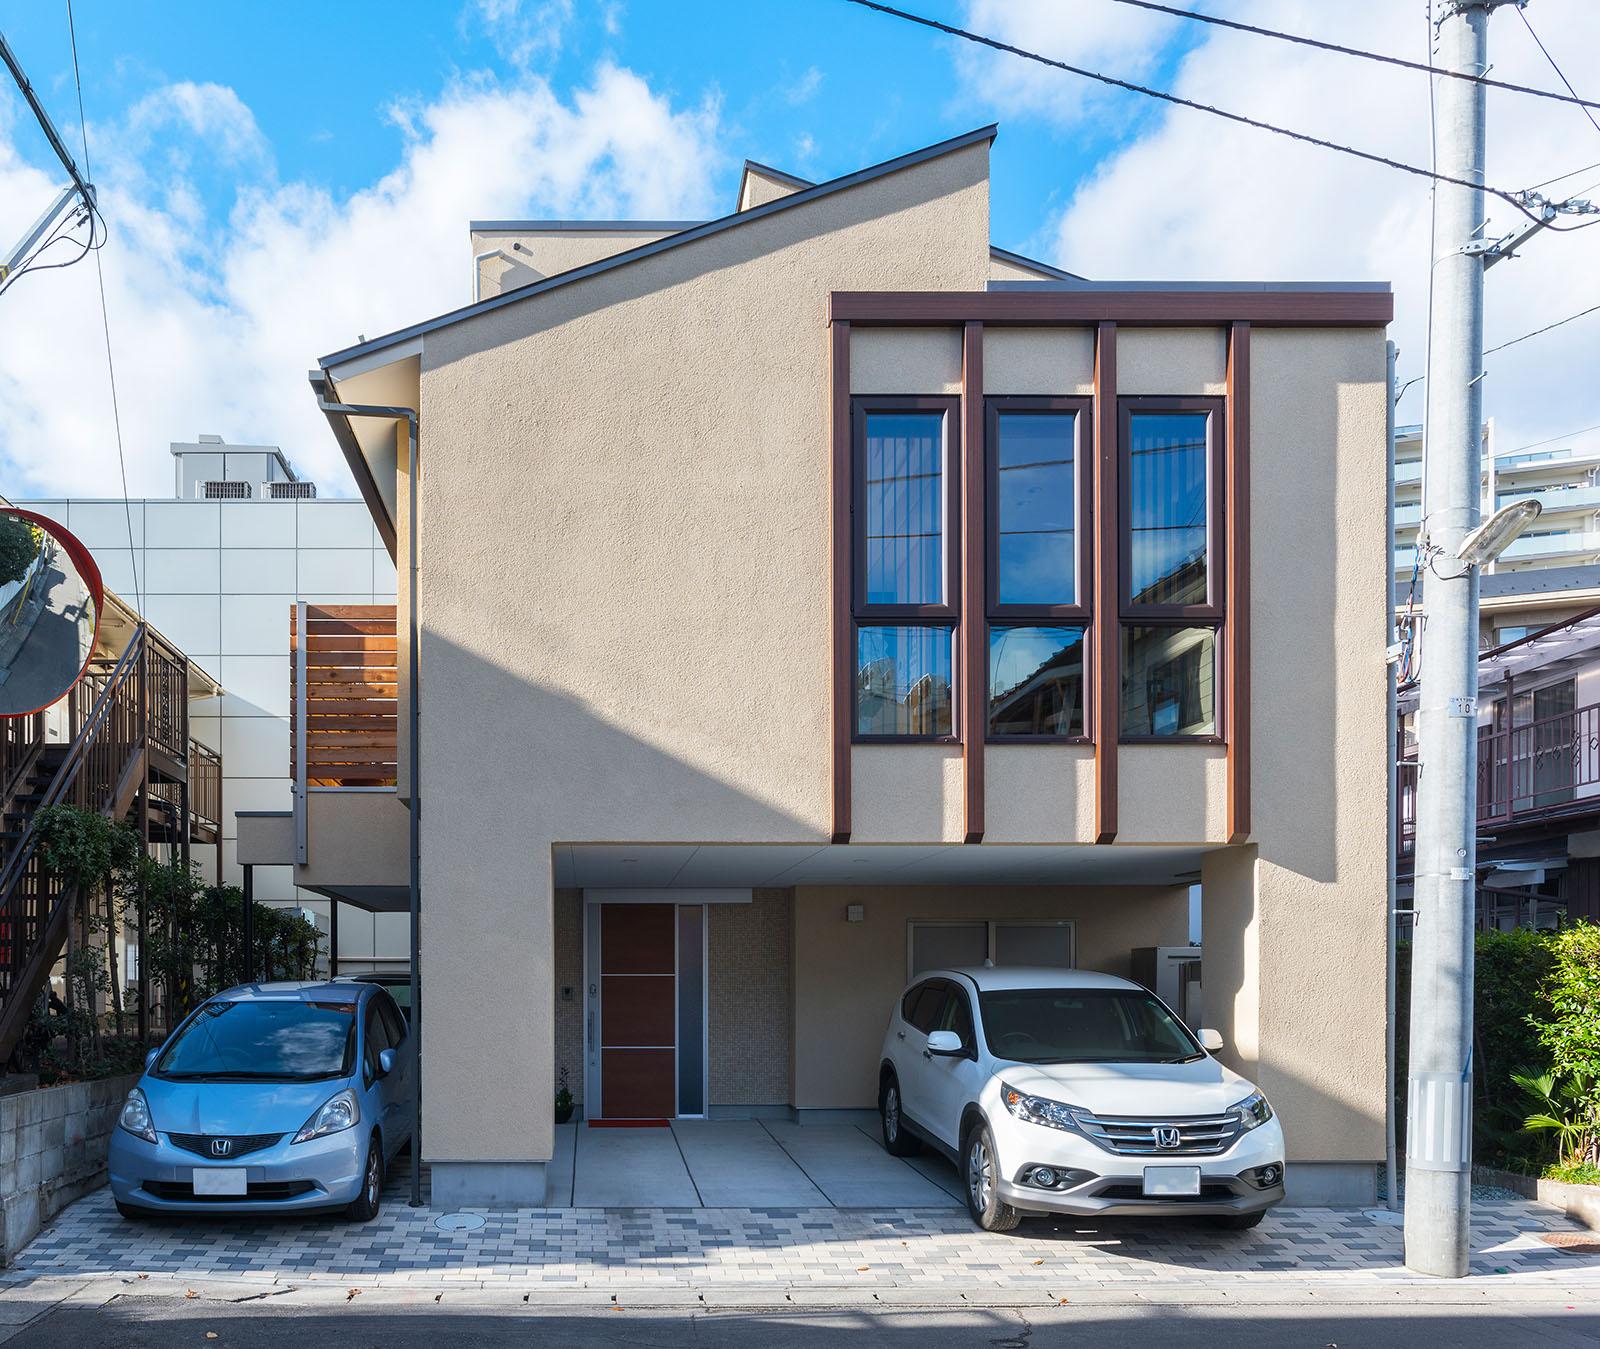 4台分の駐車スペースの確保だけでなく、住まいの顔となる外観デザインにもこだわったOさん宅